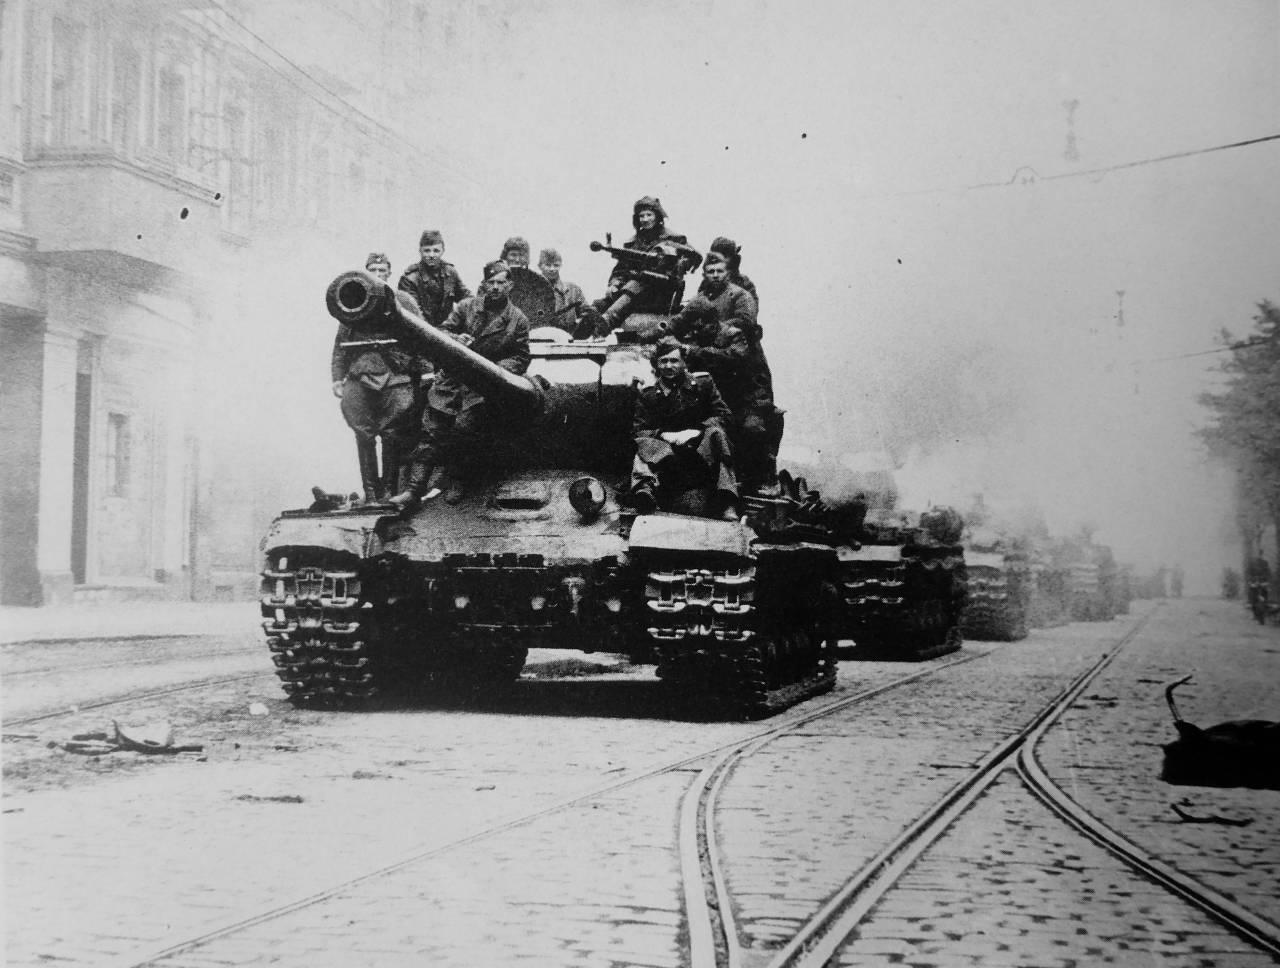 Тело немецкого солдата, погибшего в боях в южной Италии ...